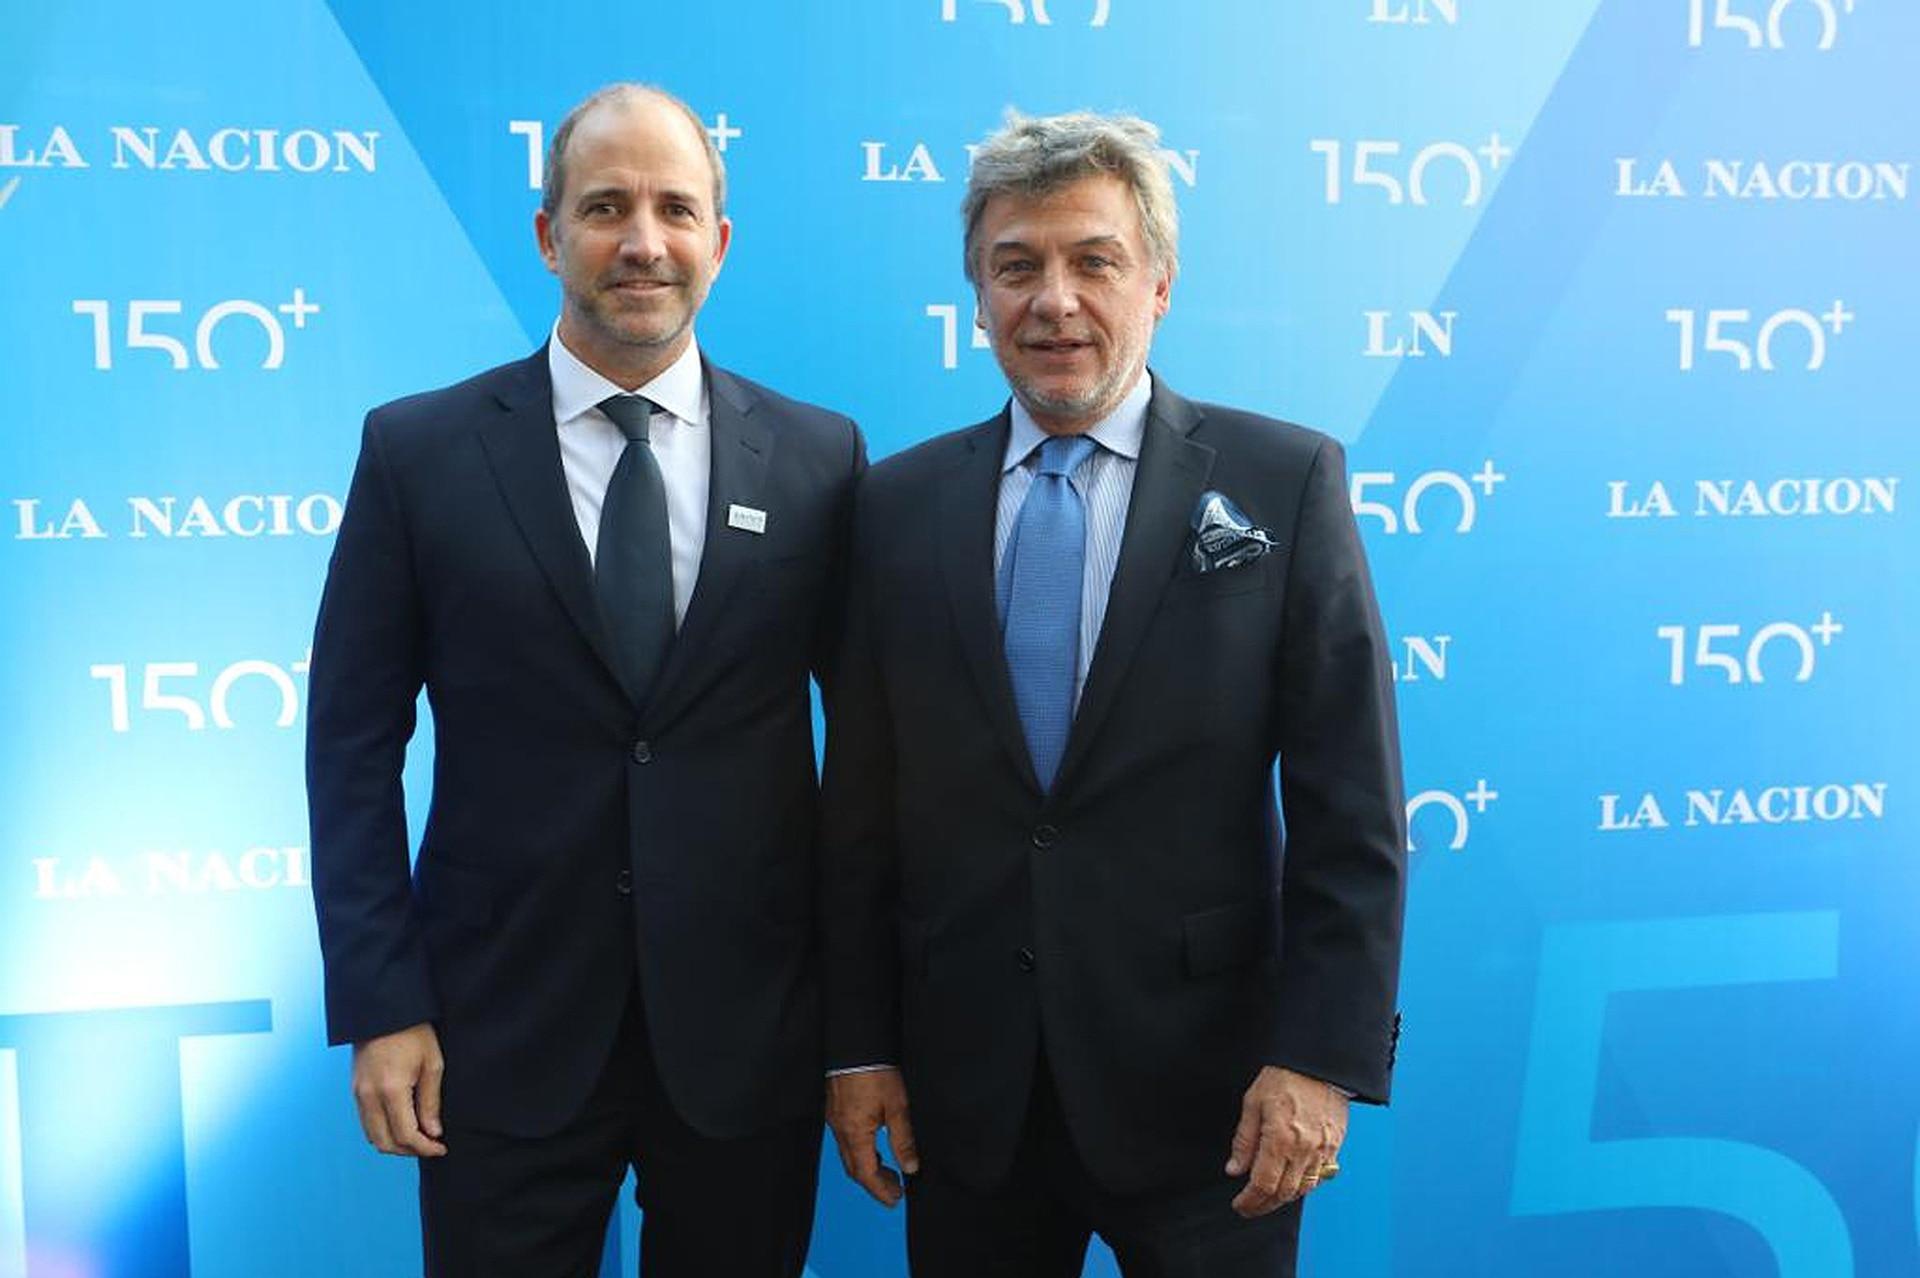 Gervasio Márques Peña, Director Comercial de LA NACION, y el empresario de indumentaria Mariano Rodríguez Giesso